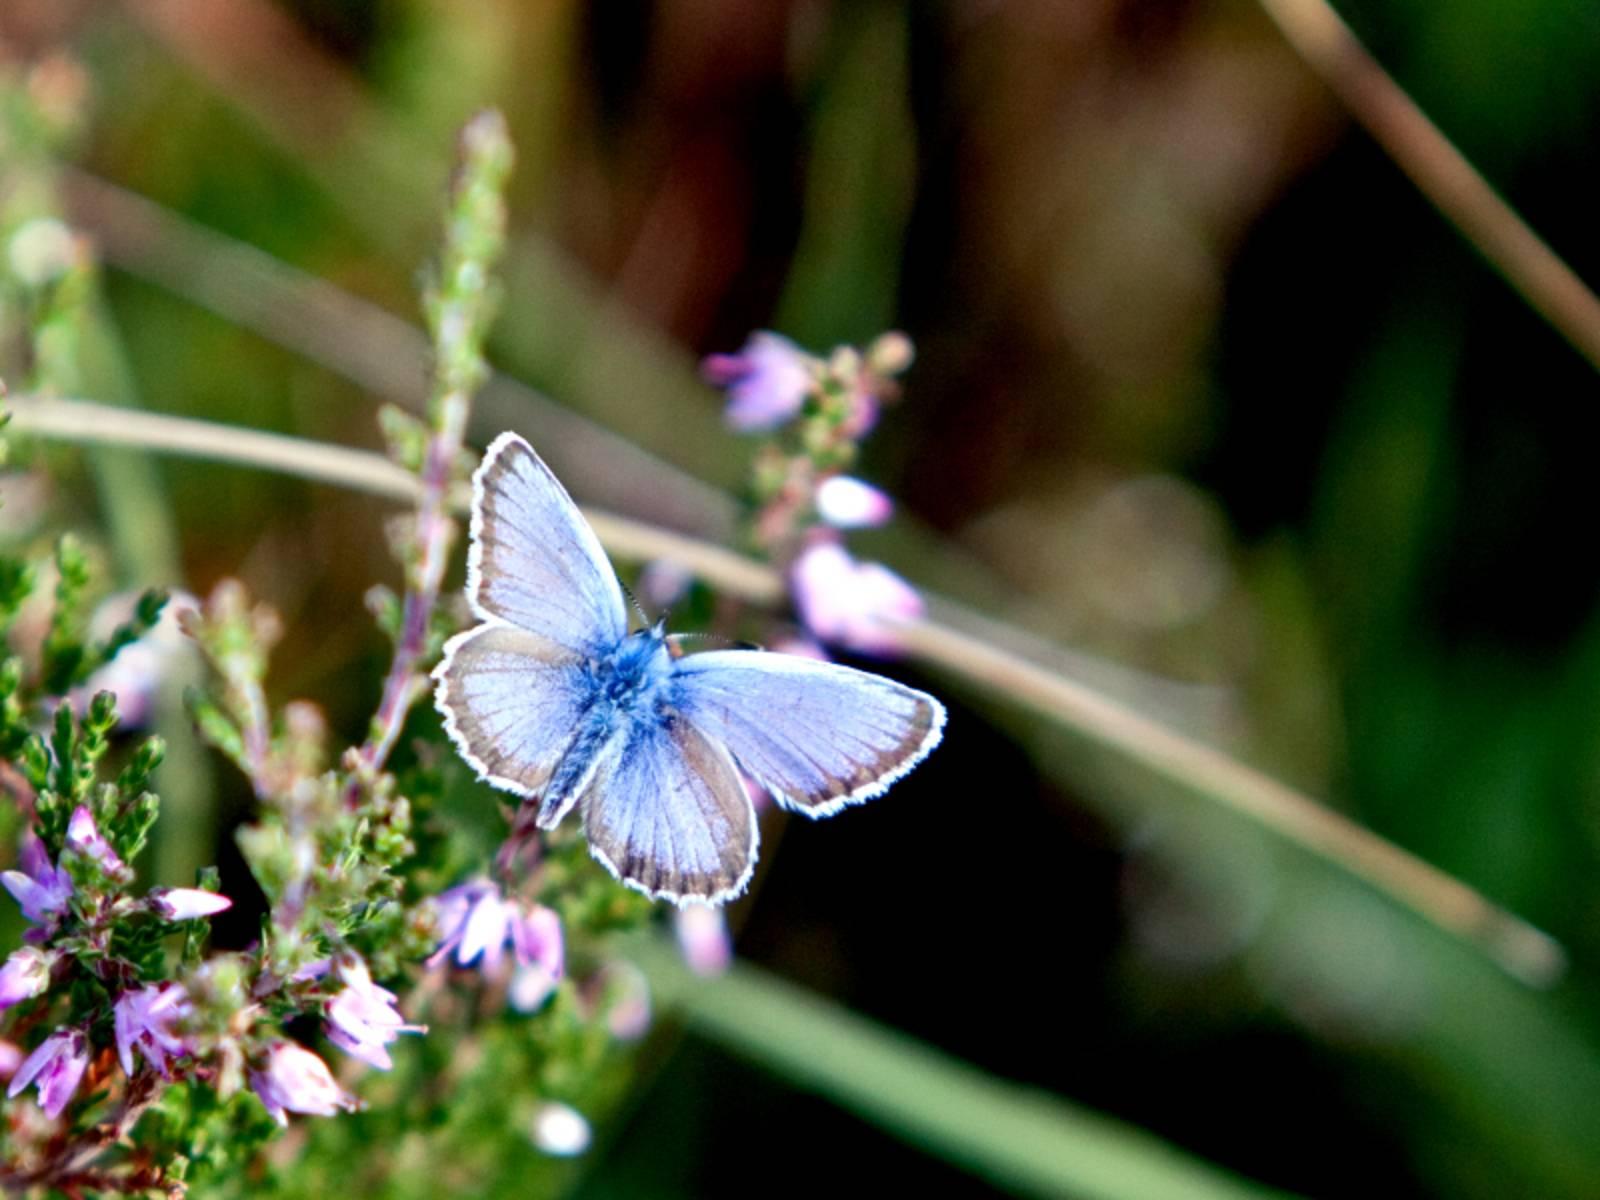 Ein blauer Schmetterling im Flug mit vollkommen ausgeklappten Flügeln. Unter ihm sind Blüten und verschwommene Grashalme zu erkennen.